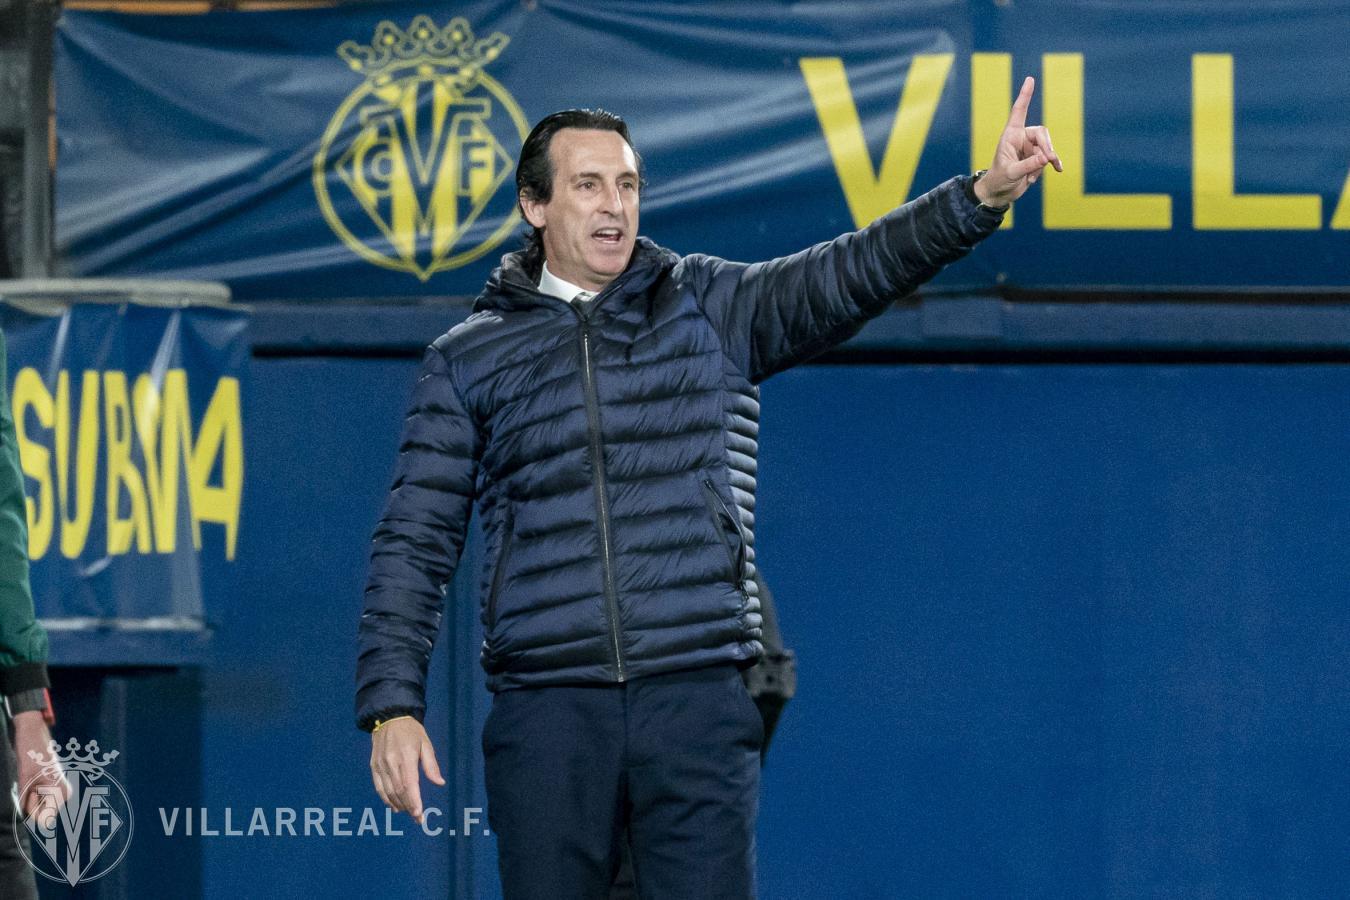 Unai Emery, técnico de Villarreal, sueña con volver a ganar la Europa League. Ya lo hizo con Sevilla en 3 oportunidades. Foto: @VillarrealCF